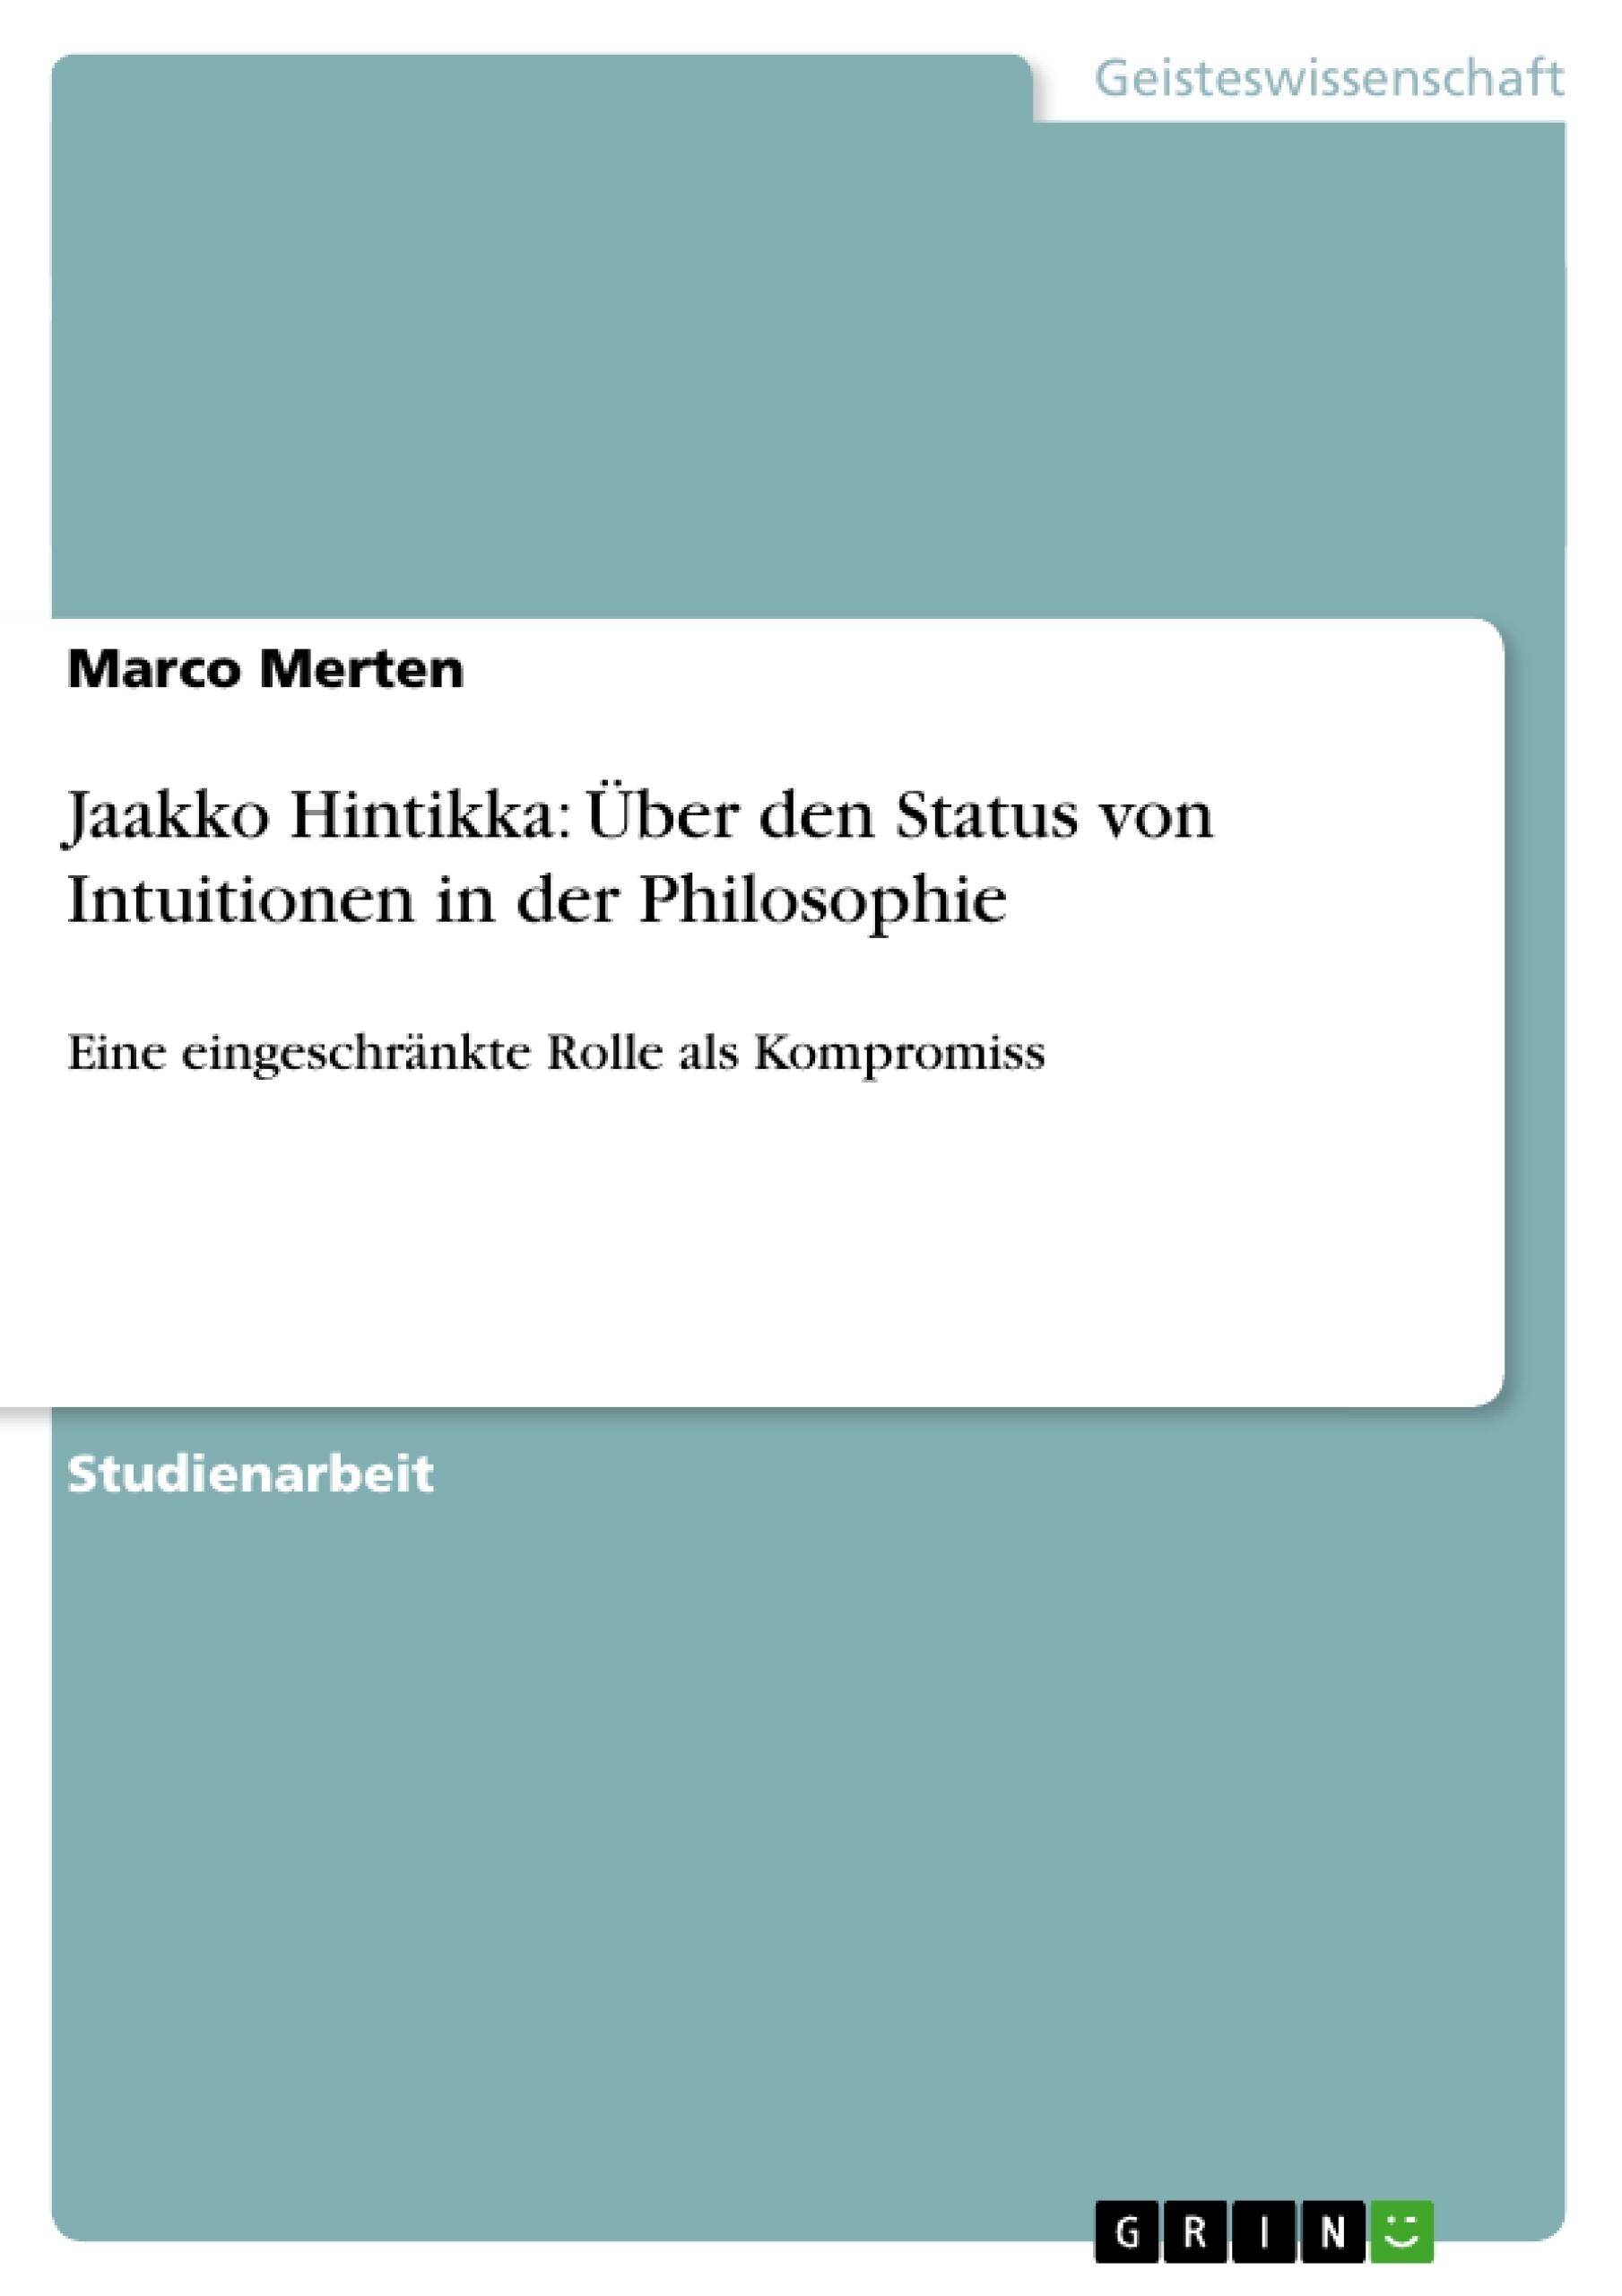 Titel: Jaakko Hintikka: Über den Status von Intuitionen in der Philosophie